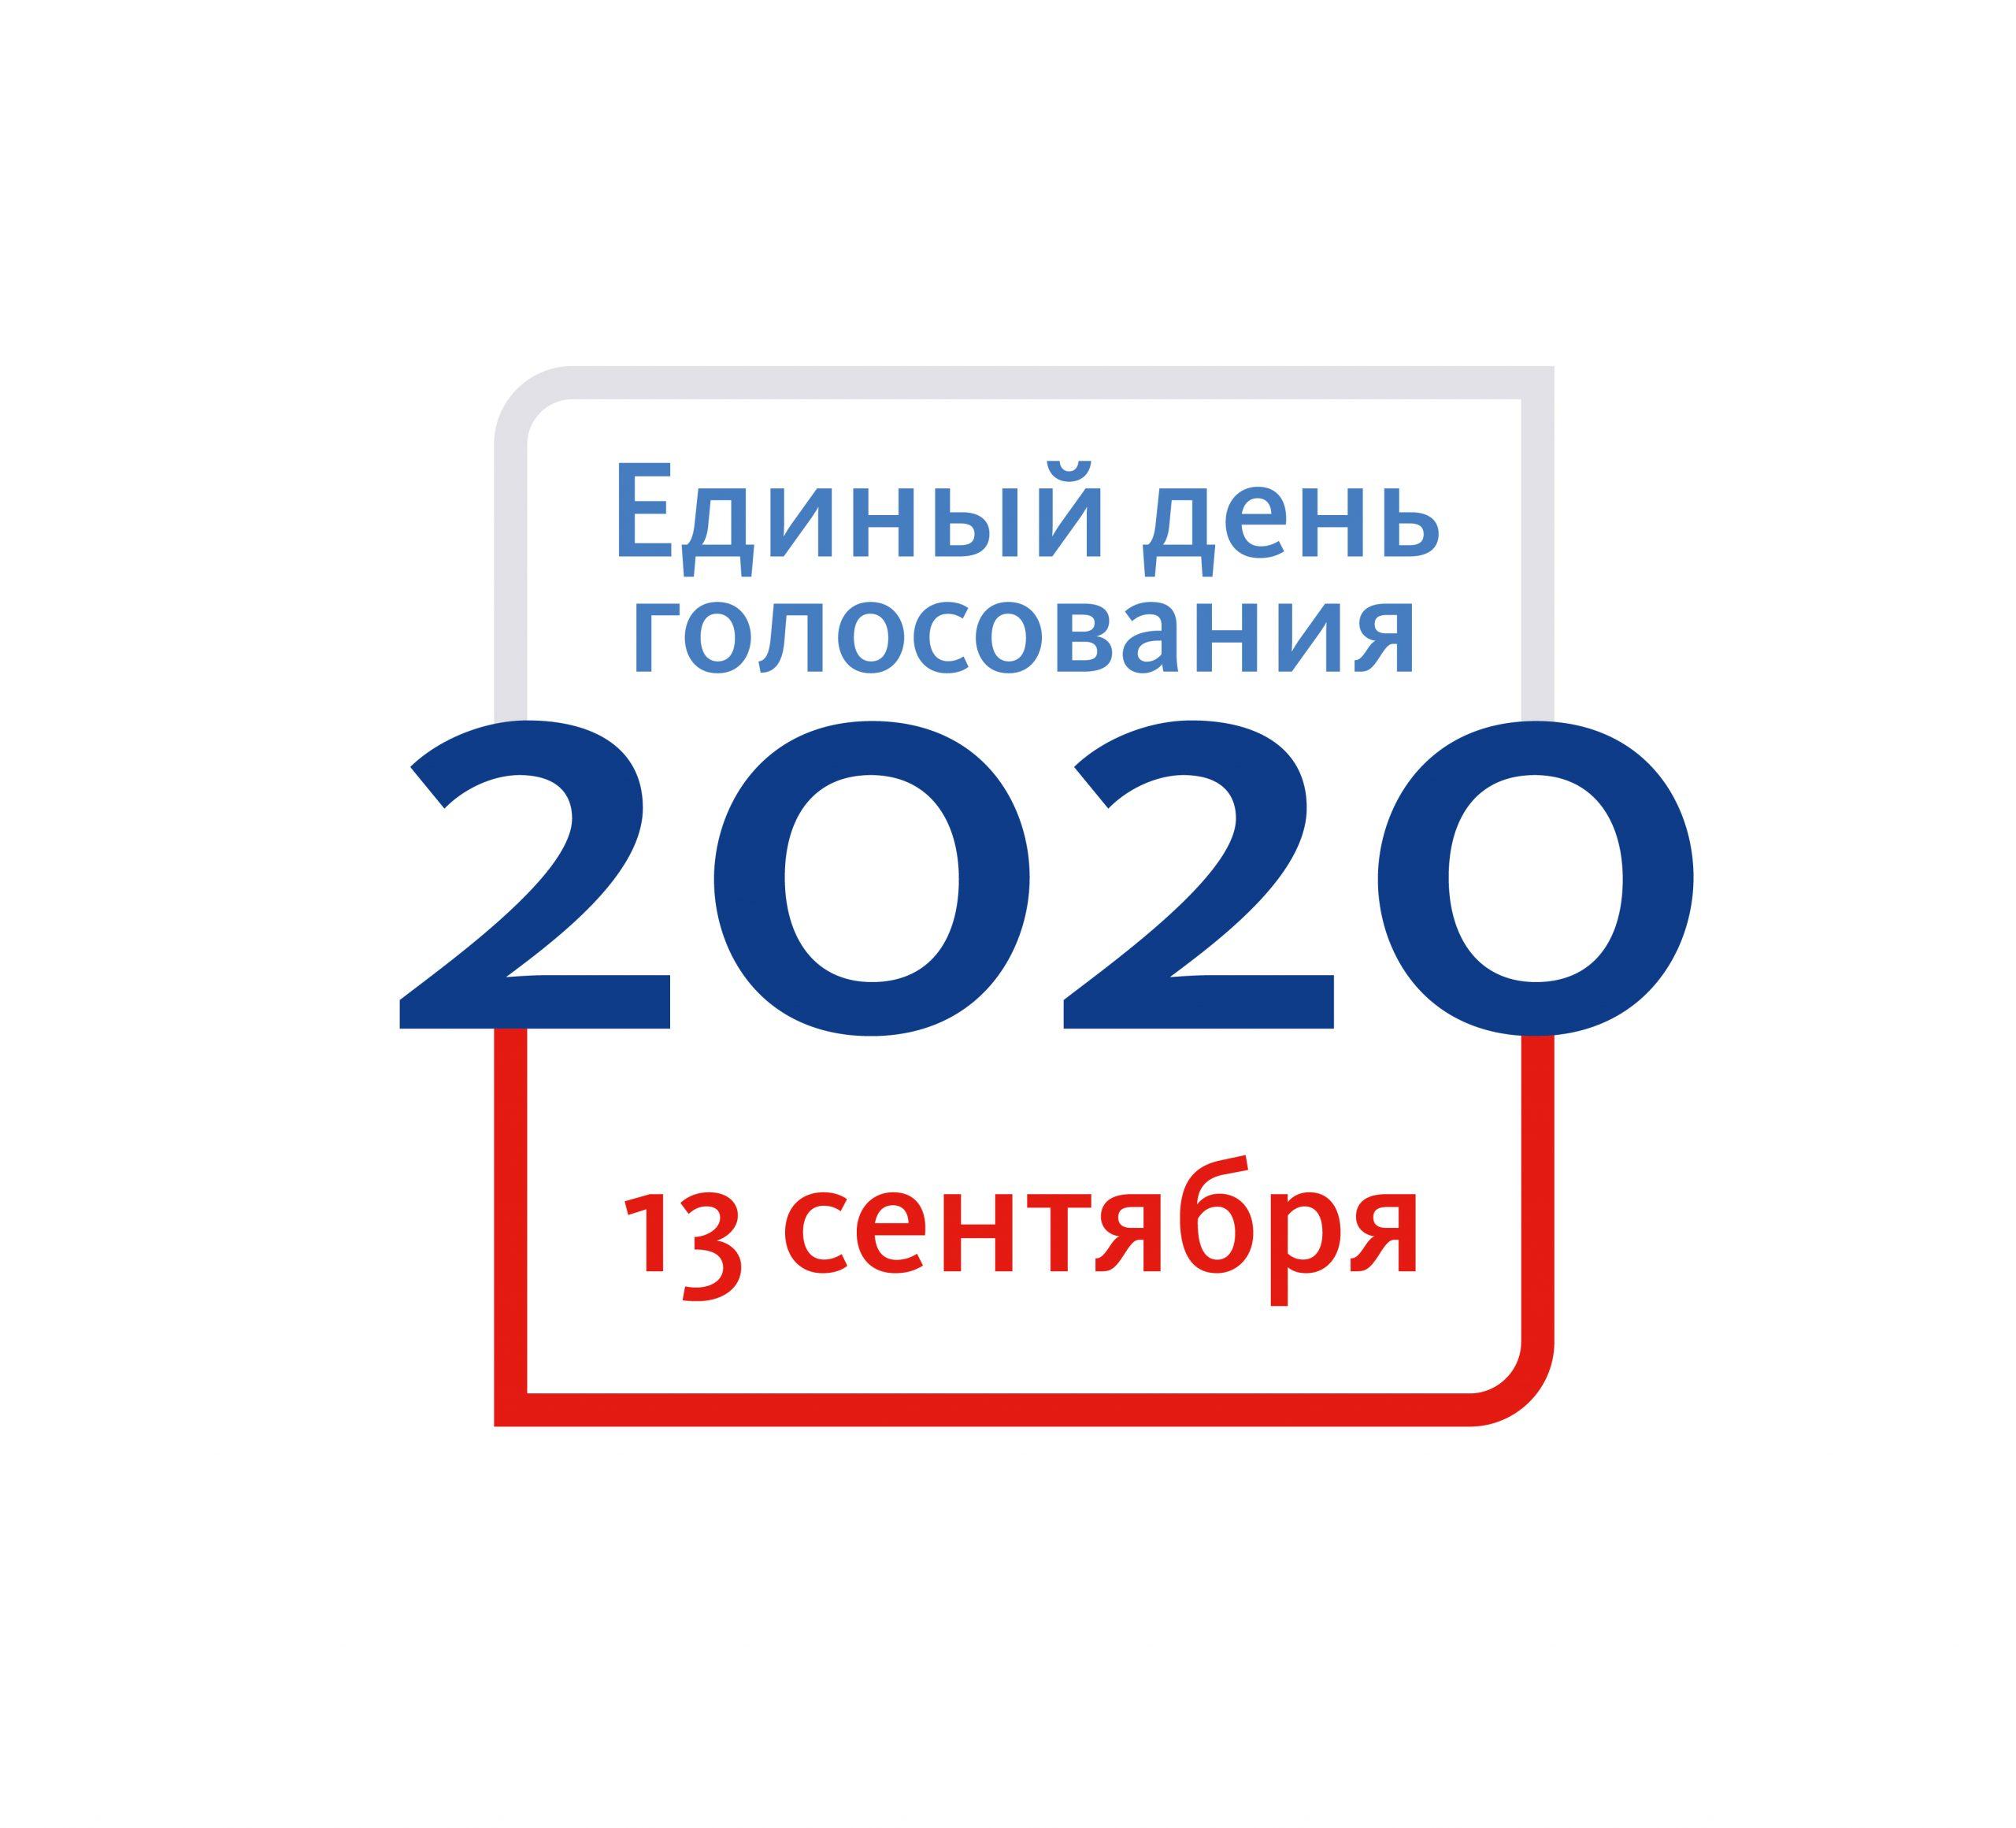 13 сентября 2020 года – Единый день голосования